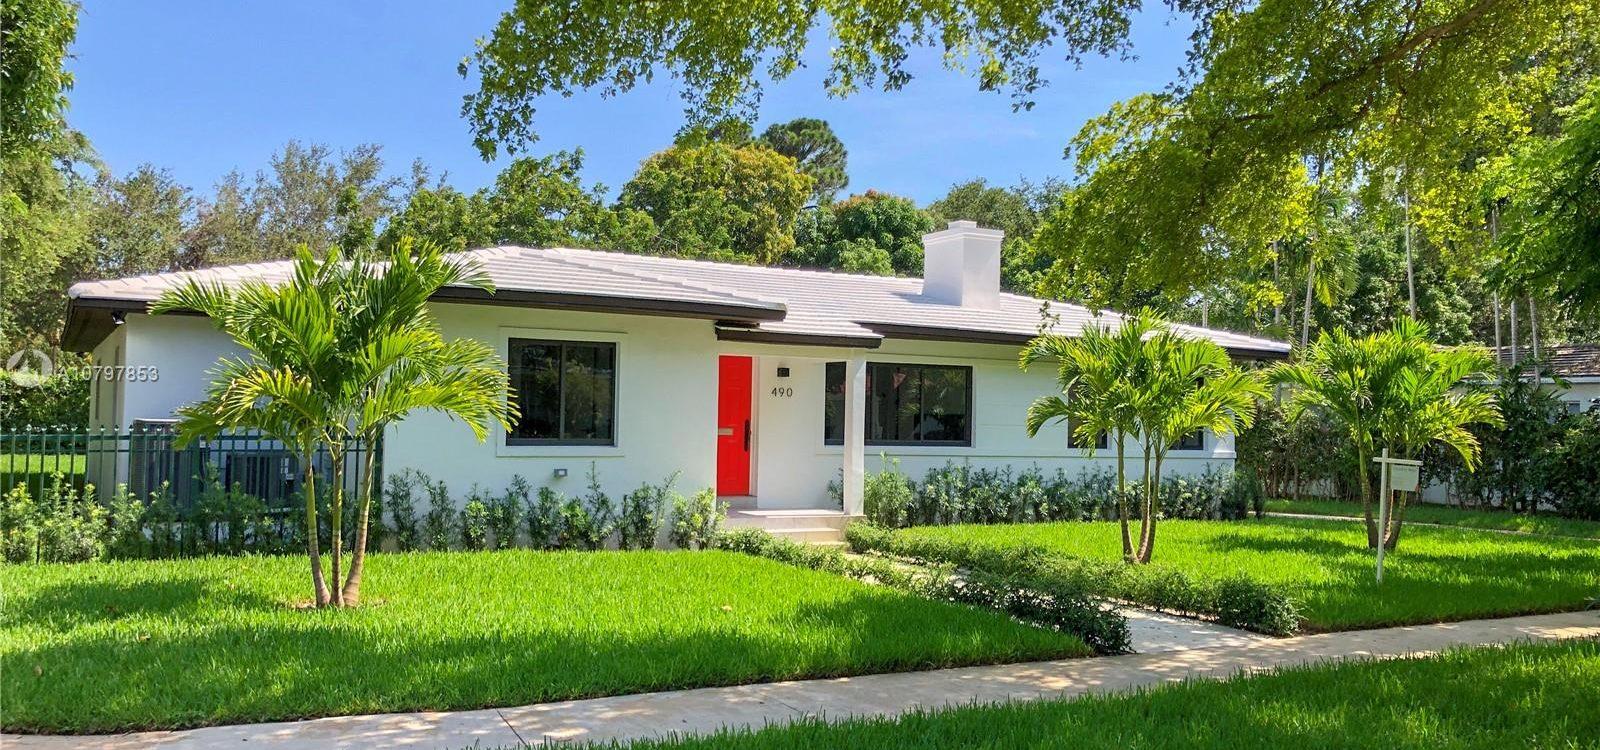 Miami Shores Florida Home